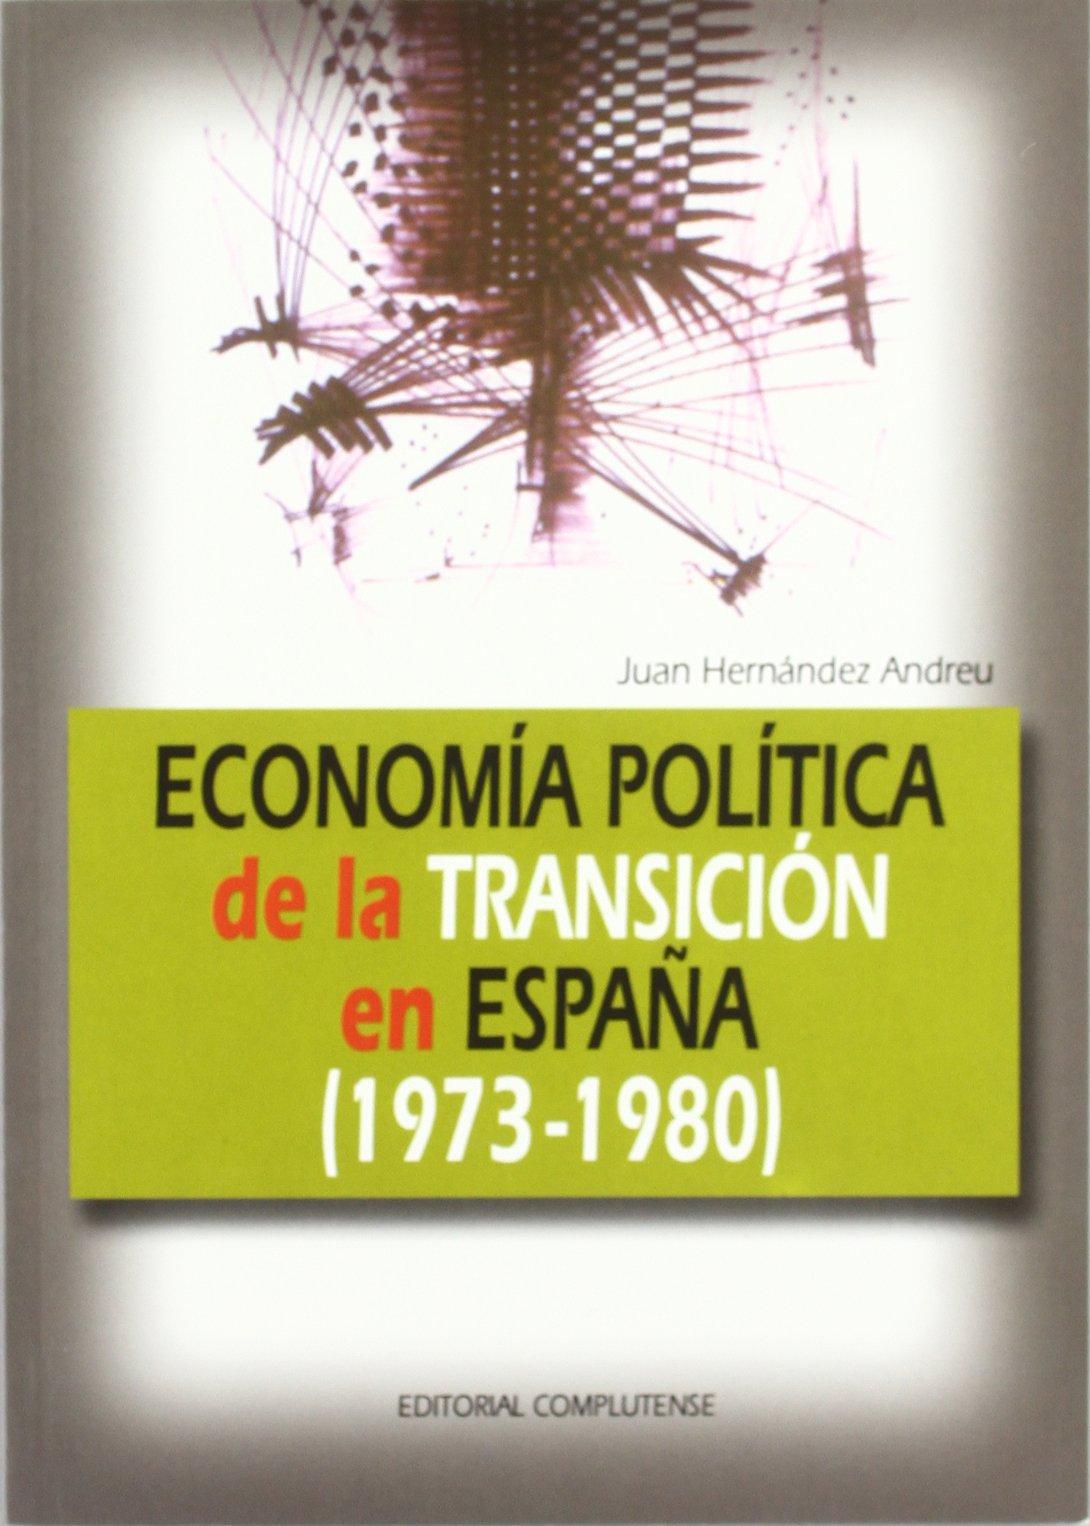 Economía política de la transición en la transición en España 1973-1980 sin colección: Amazon.es: Hernández Andreu, Juan: Libros